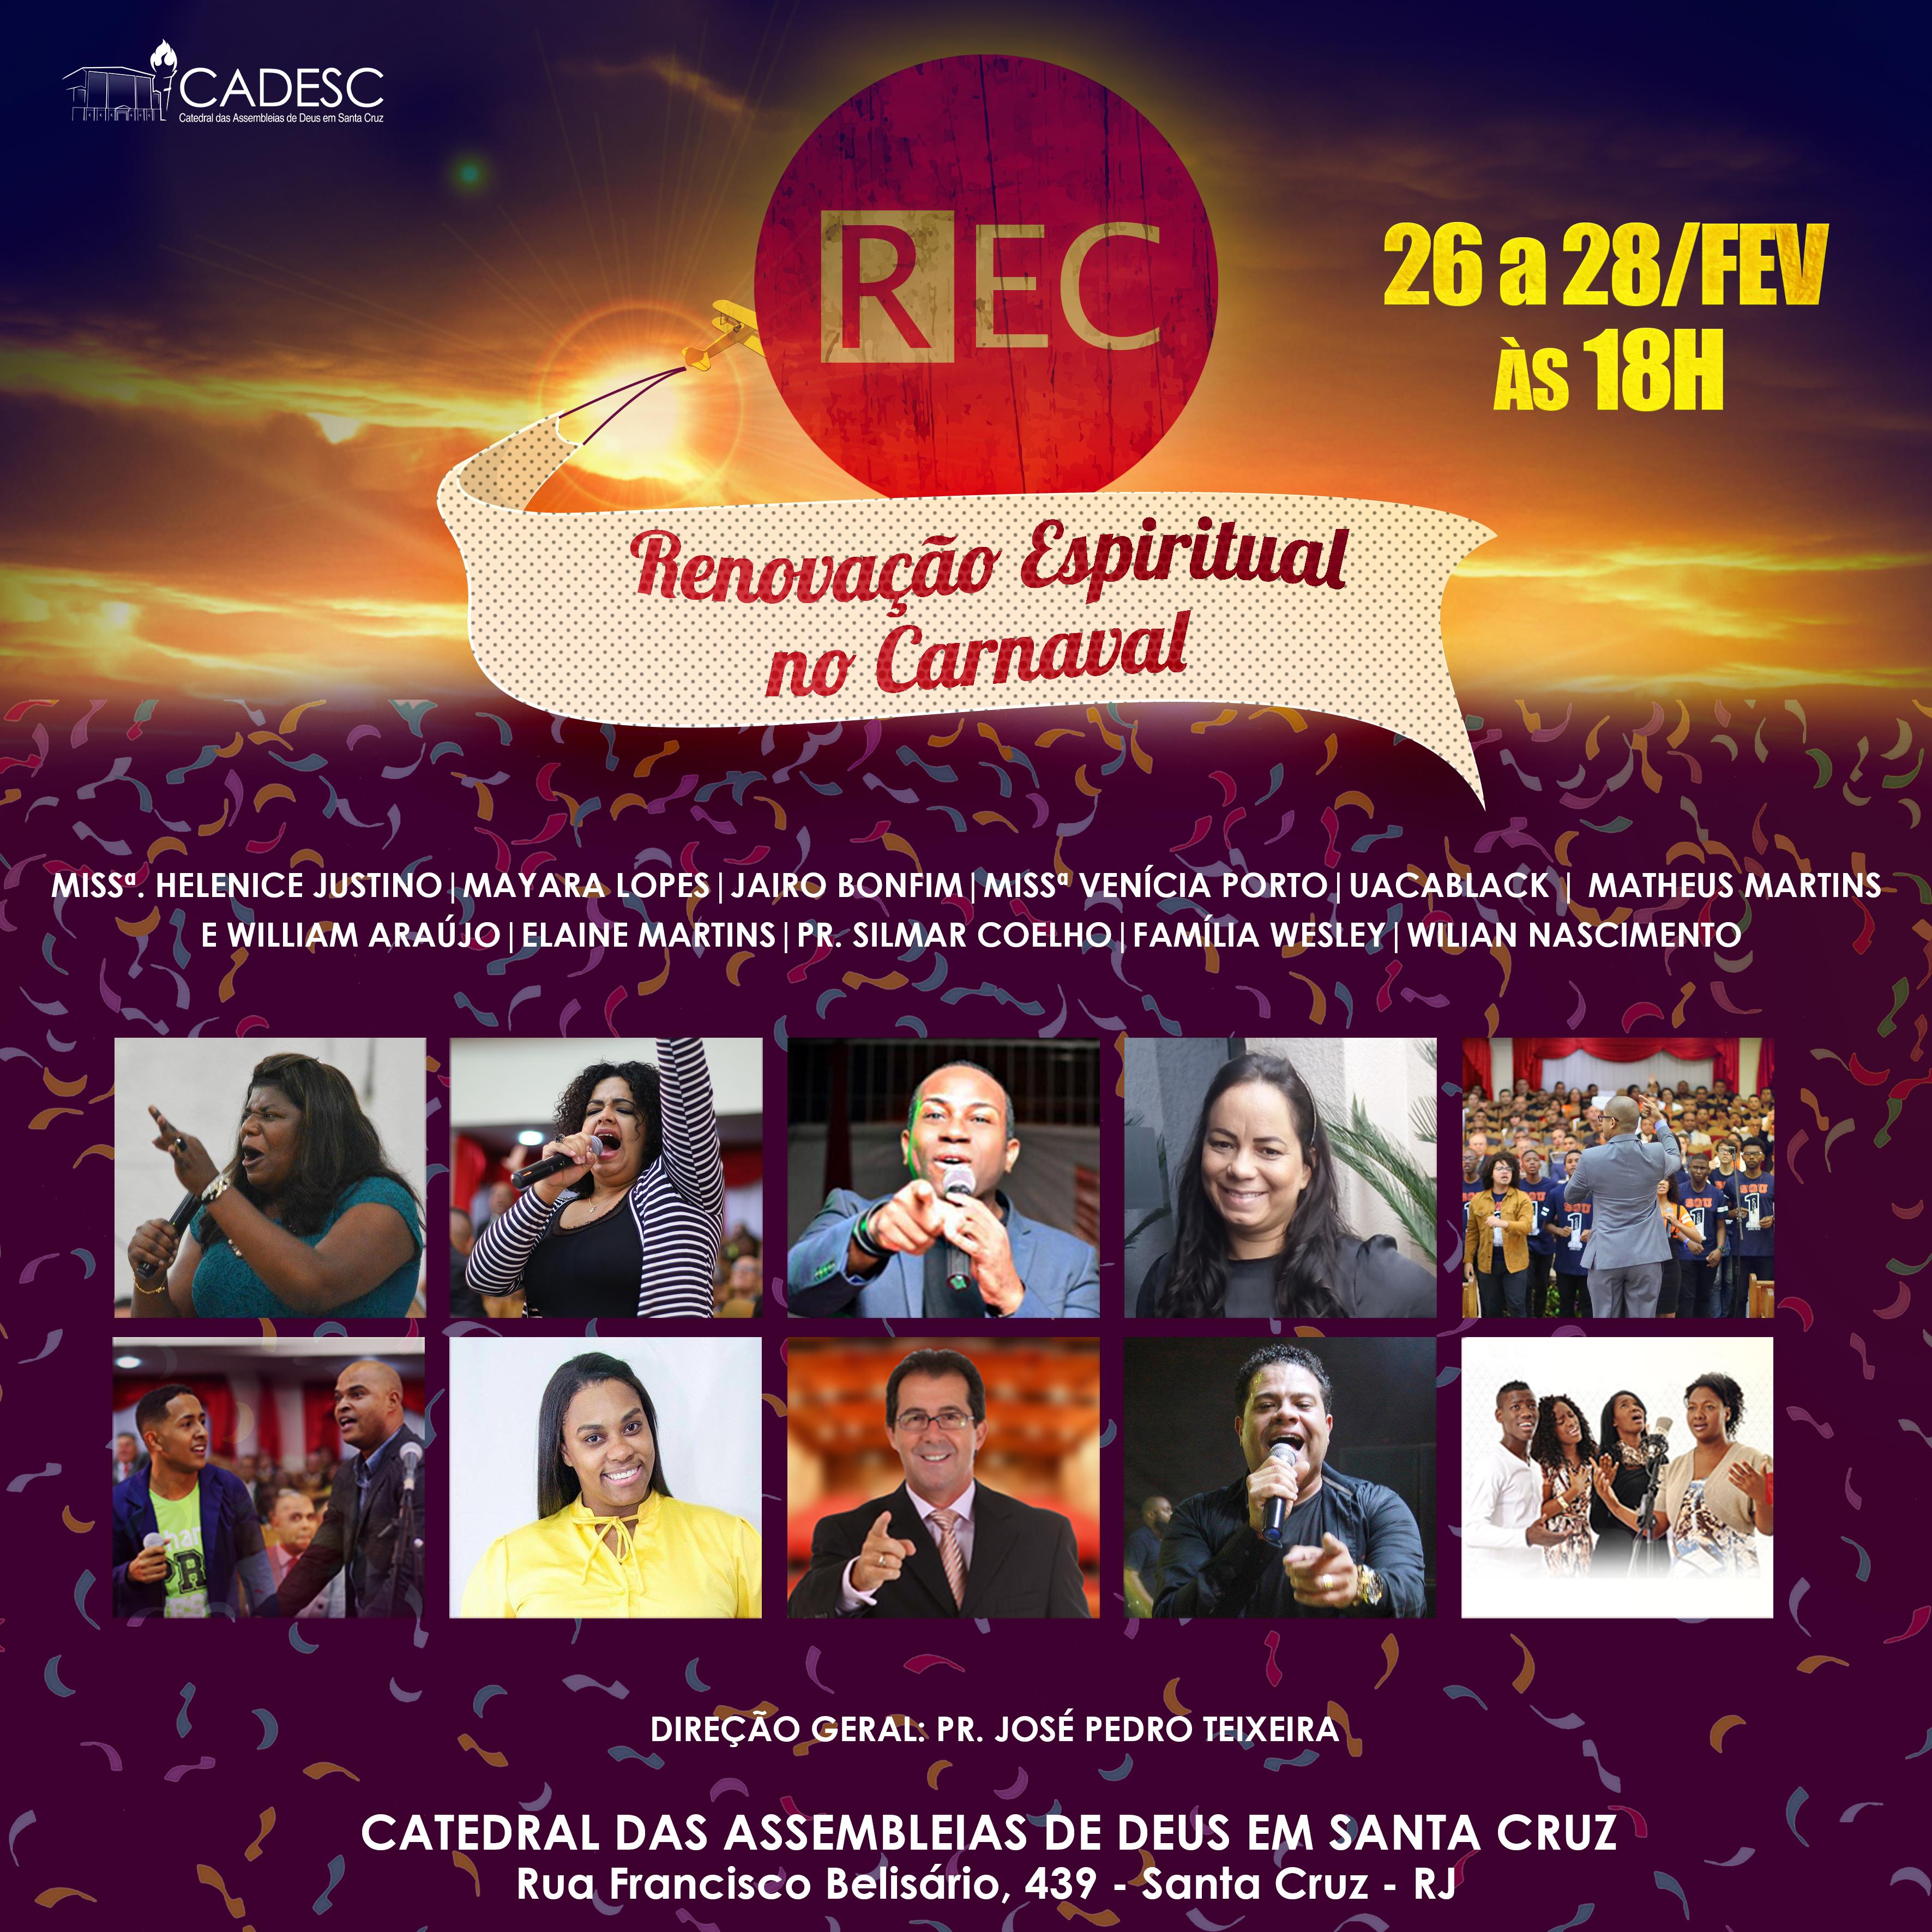 REC - Renovação Espiritual no Carnaval